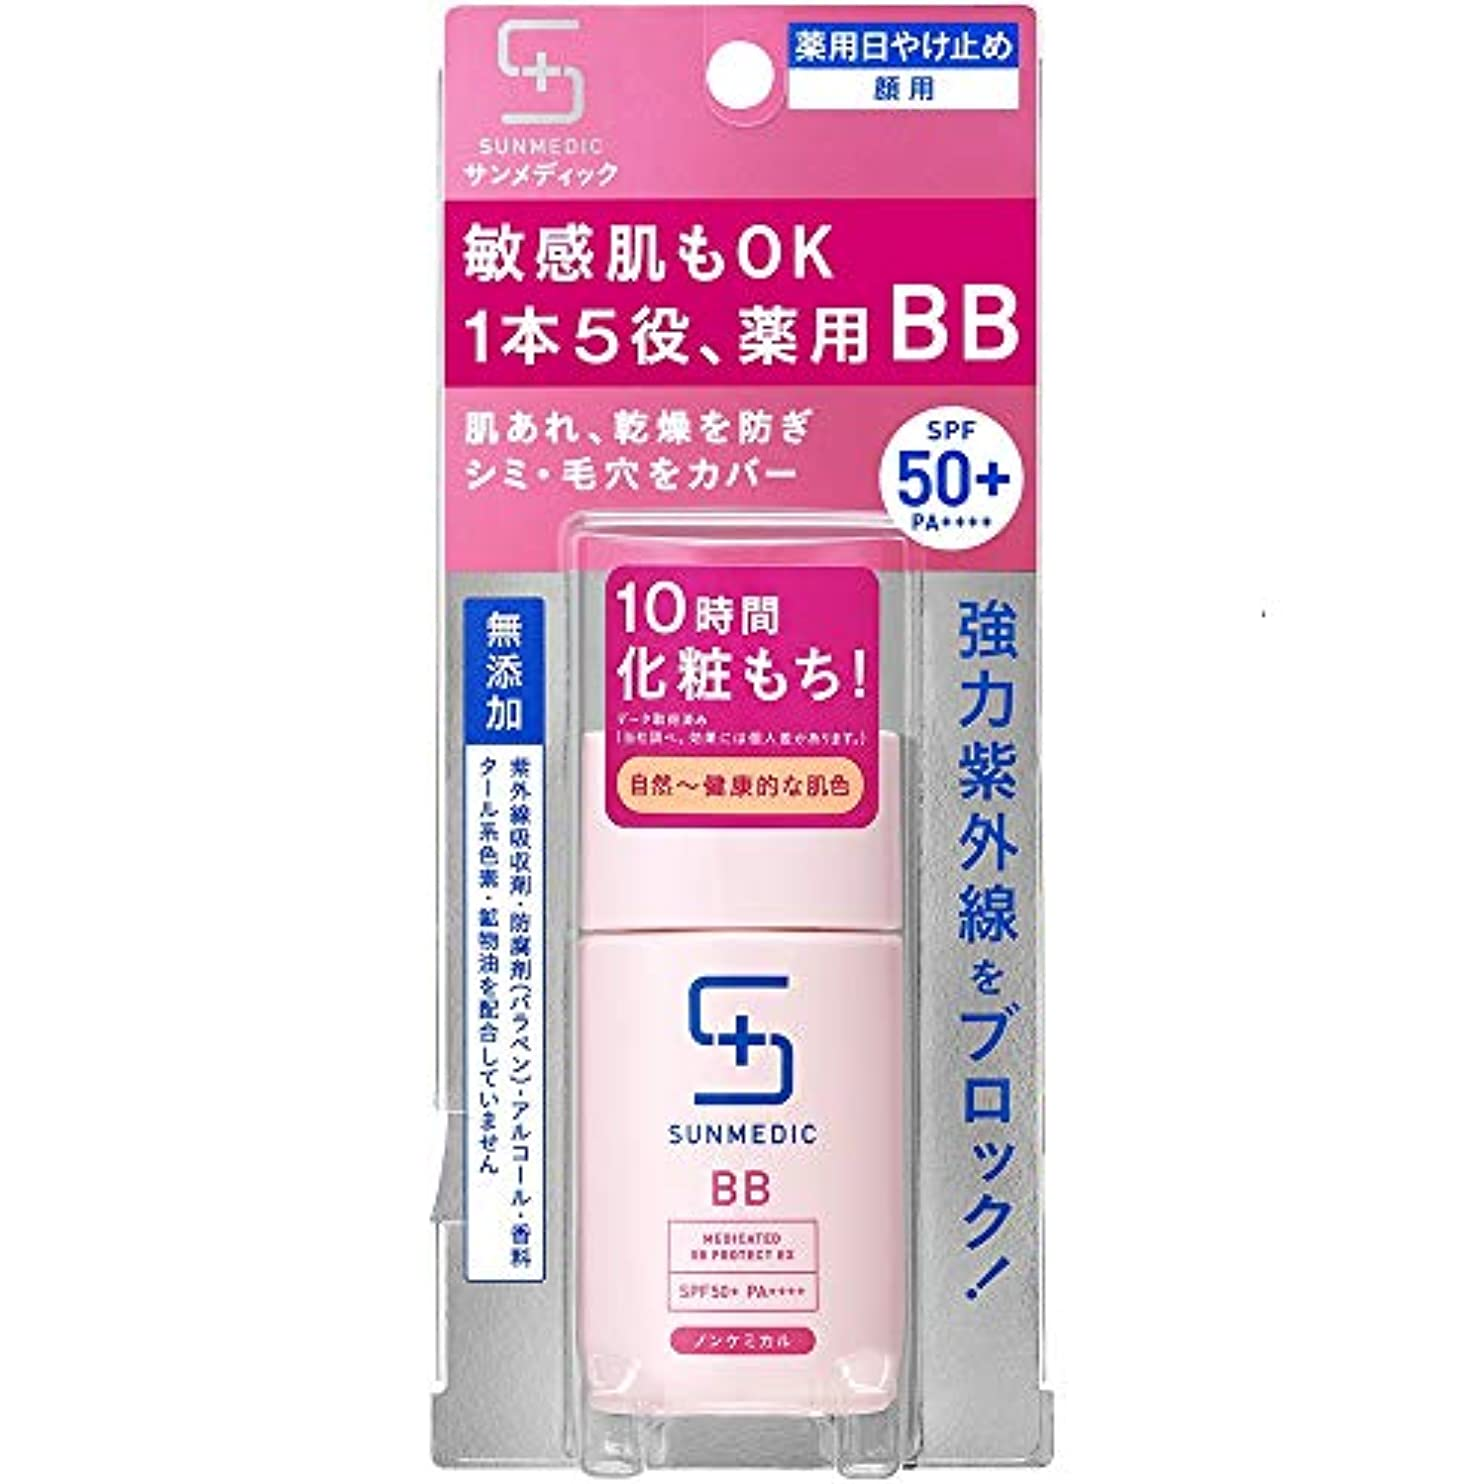 少なくとも自治的鑑定サンメディックUV 薬用BBプロテクトEX ナチュラル 30ml (医薬部外品)